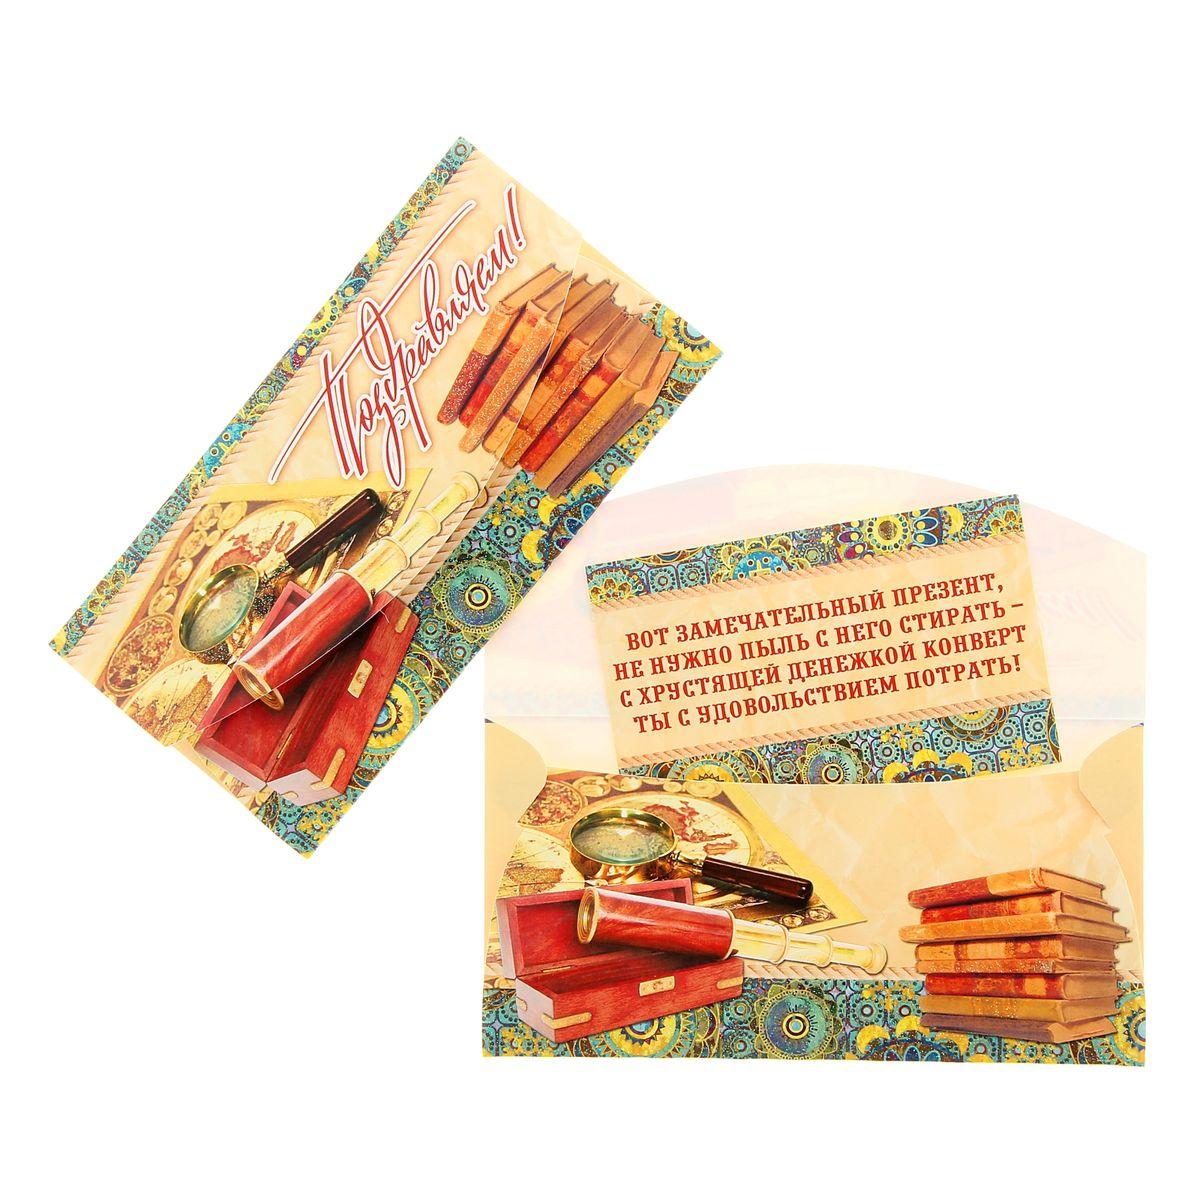 Конверт для денег Поздравляем!. 10287431028743Конверт для денег Поздравляем! выполнен из плотной бумаги и украшен яркой картинкой. На отдельном вкладыше внутри открытки - поздравительные строки: Вот замечательный презент, Не нужно пыль с него стирать - С хрустящей денежкой конверт Ты с удовольствием потрать! Это необычная красивая одежка для денежного подарка, а также отличная возможность сделать его более праздничным и создать прекрасное настроение!